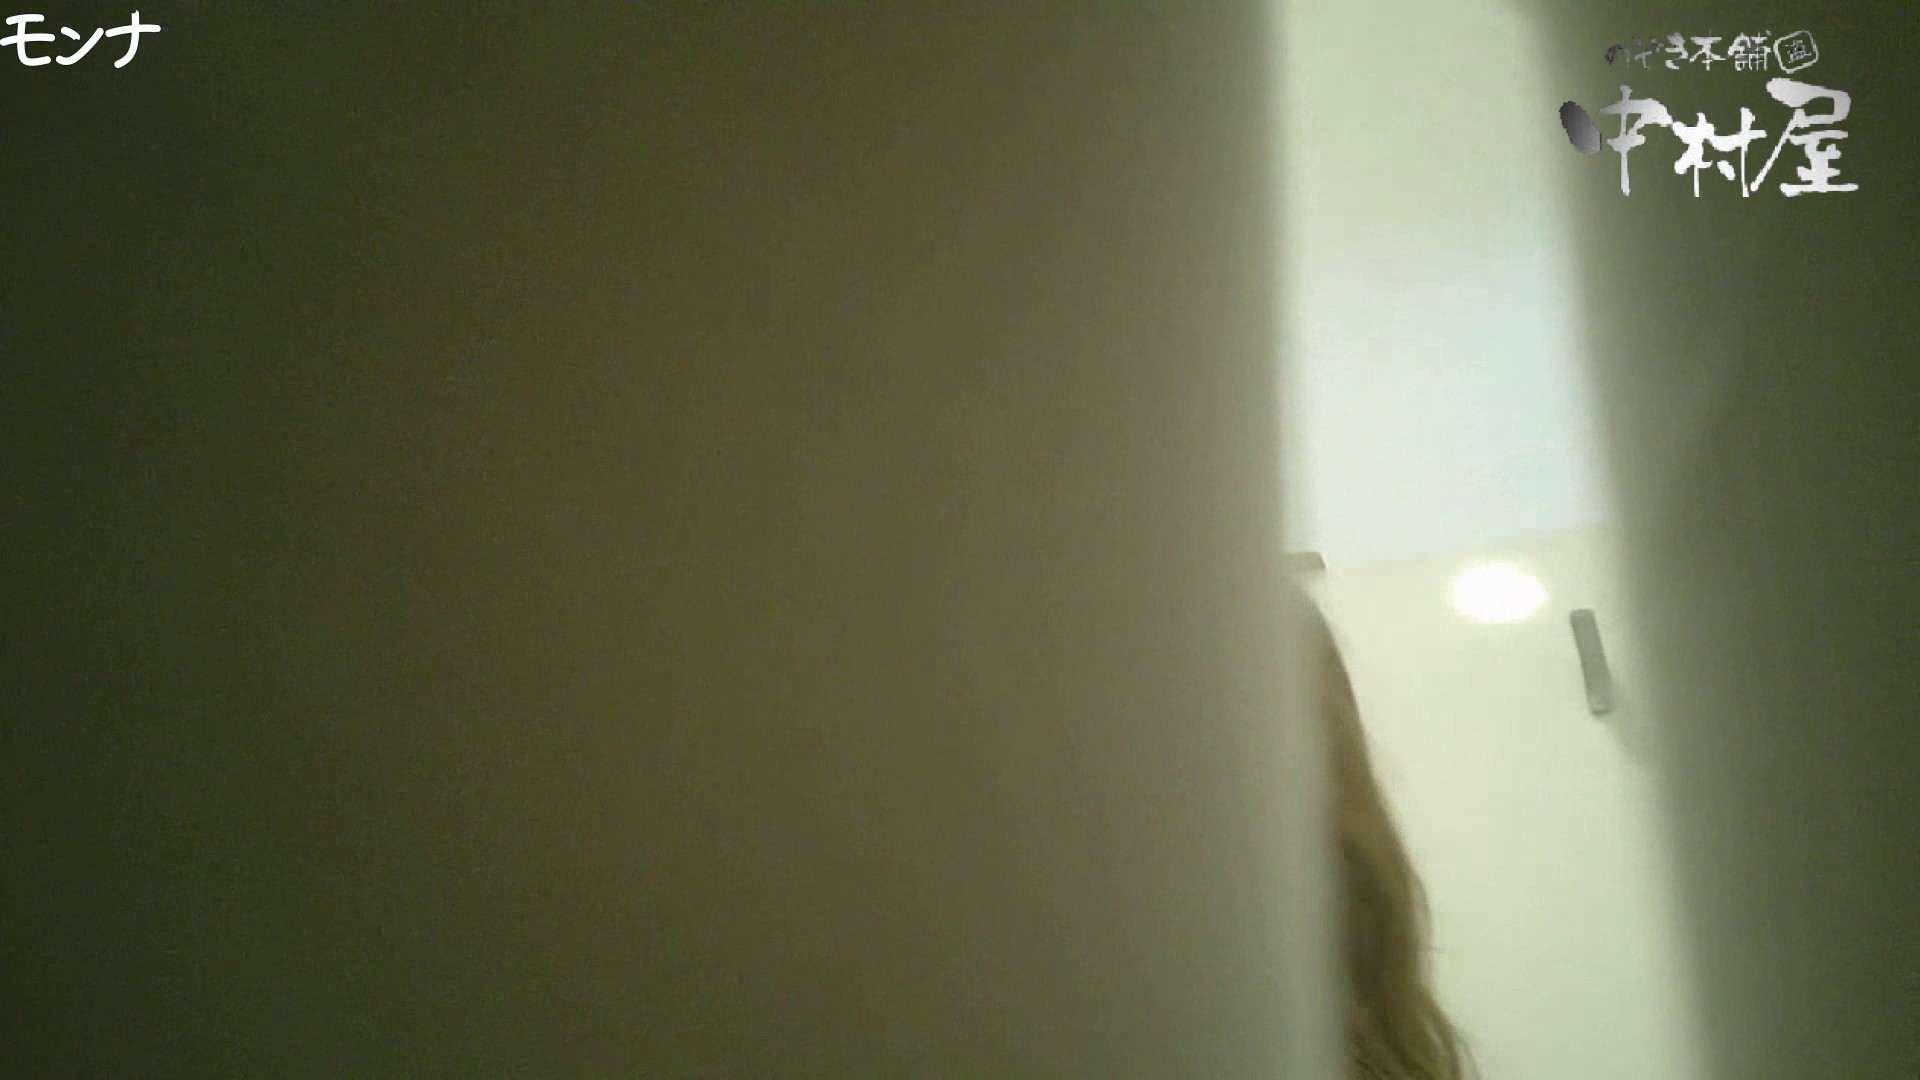 有名大学女性洗面所 vol.65 秘技!!マルチアングル天井撮り!! 洗面所 盗撮えろ無修正画像 66PICs 52